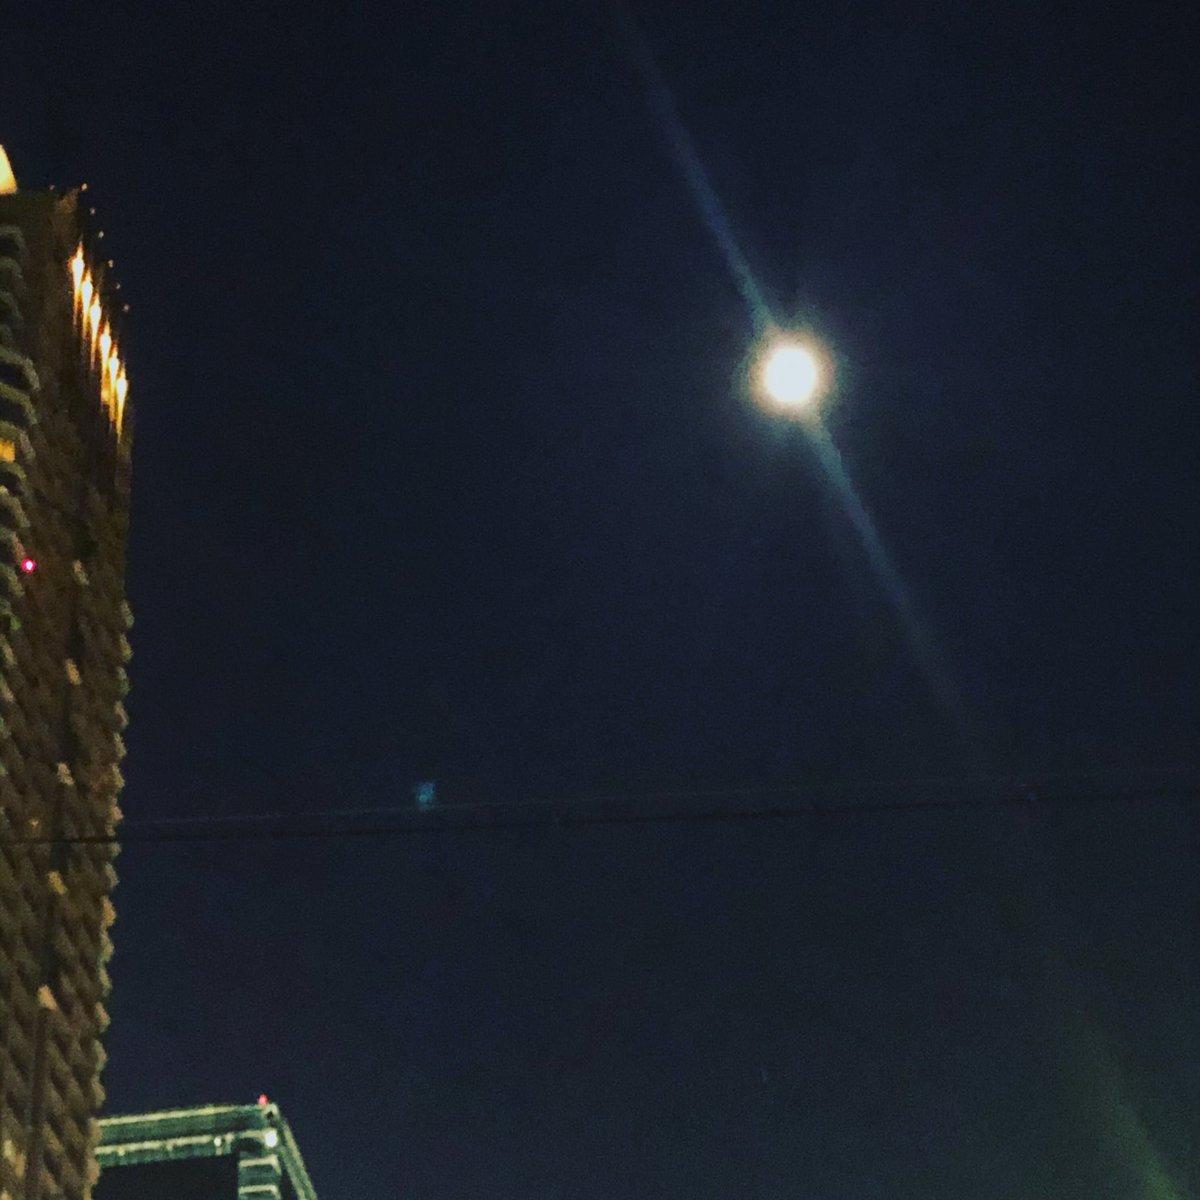 test ツイッターメディア - 写真だと満月に見えが‥実は欠けてます😉  10月1日の中秋の名月でしたが‥  旧暦9月13日の10月29日も #後の月見 と呼ばれるお月見の日があります。  この日は#十三夜 ですので不完全な形‥昔の人は満月の次に少し欠けて恥じらうようなこの月を美しいと感じてたんですね。 https://t.co/d2cON2wjC1